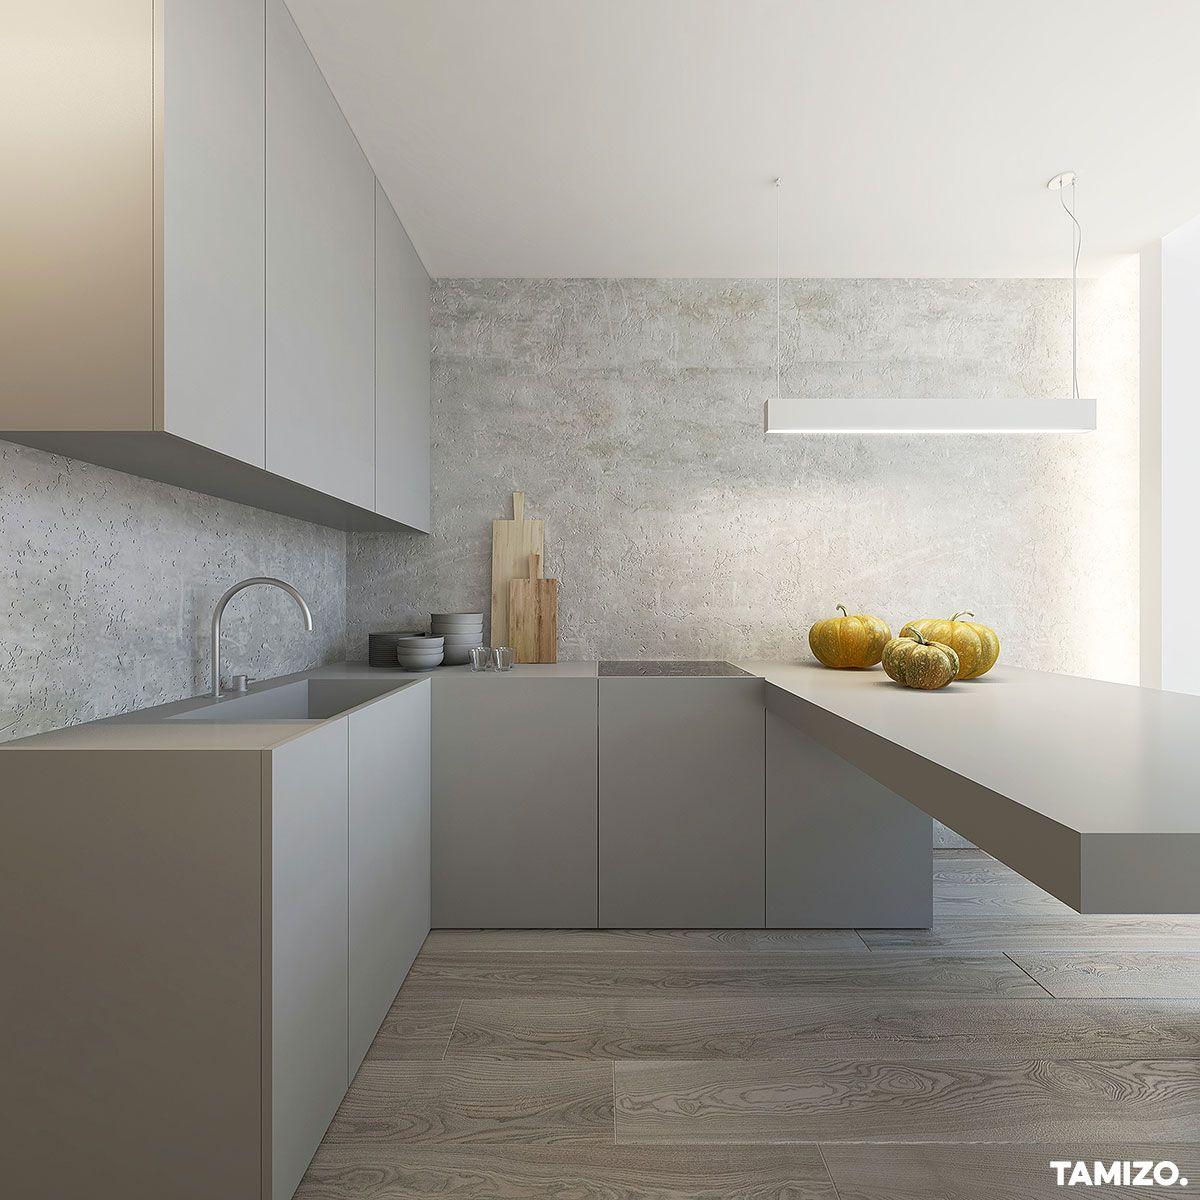 Kuchnia Meble Kuchenne Na Wymiar Slask 5128033172 Oficjalne Archiwum Allegro Kitchen Home Decor Kitchen Cabinets